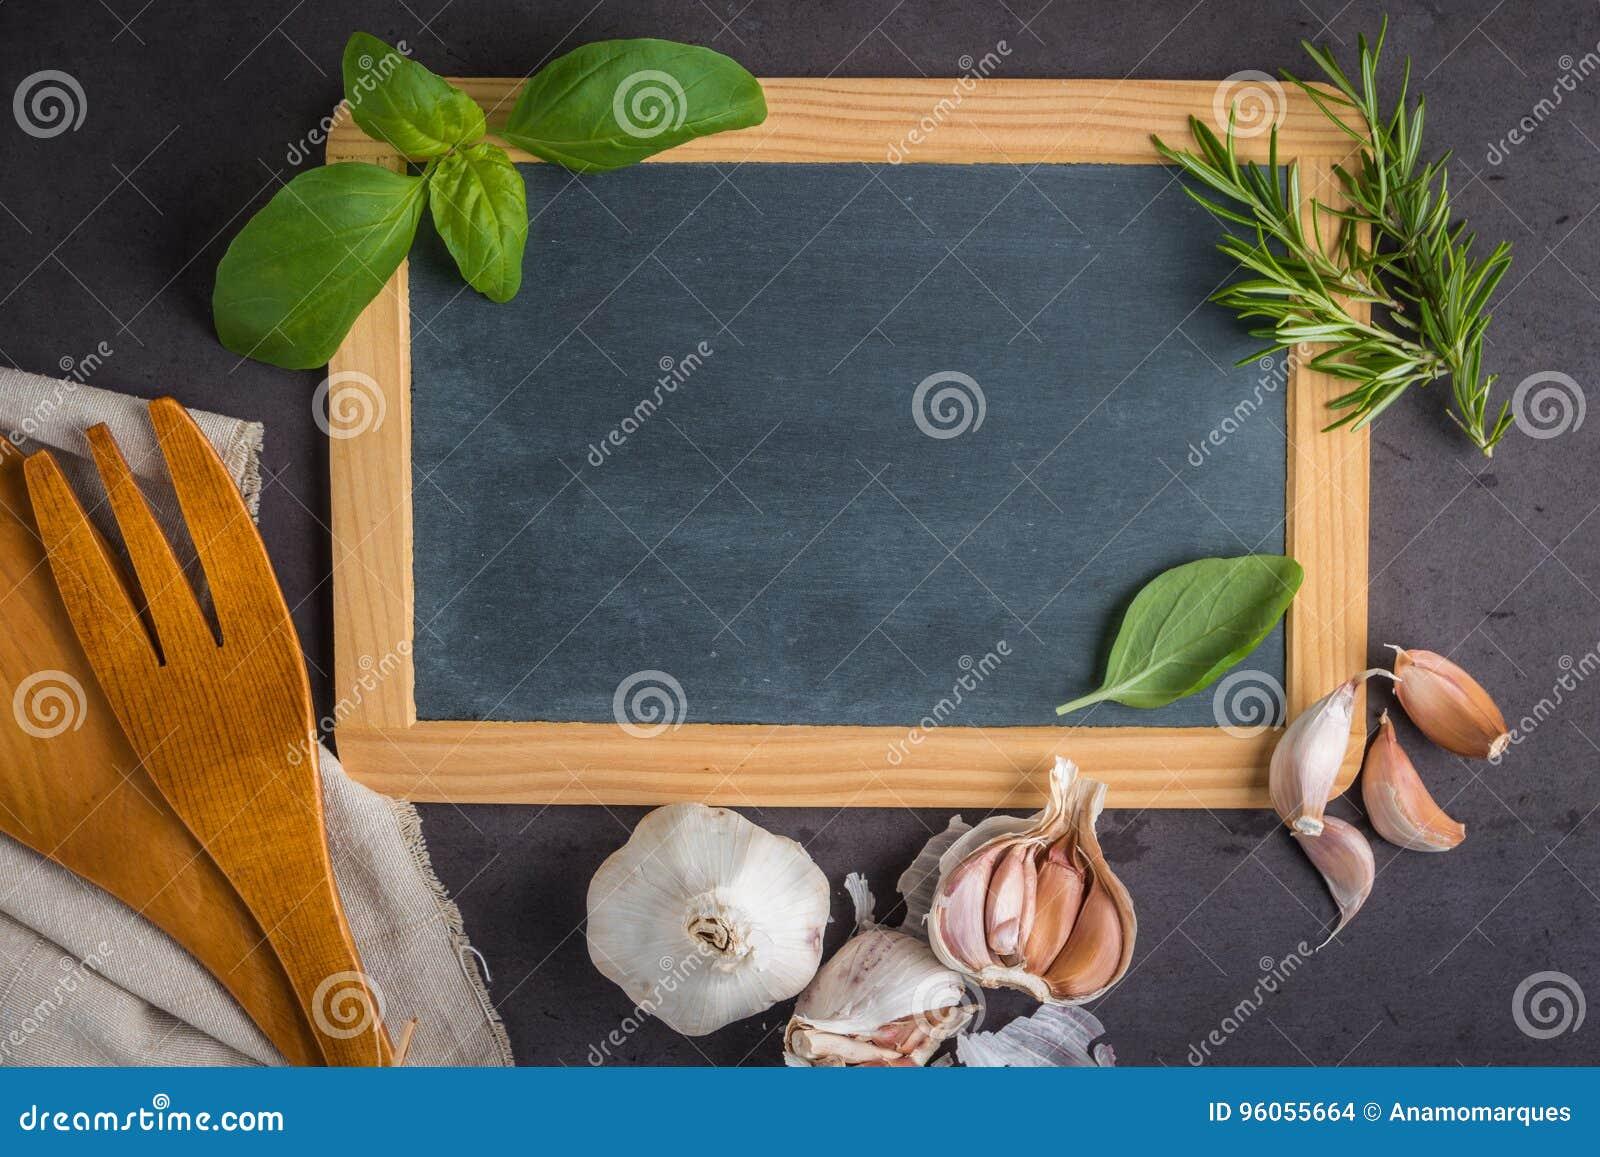 Tableau noir pour votre texte, herbes fraîches de jardin sur la table en pierre bas